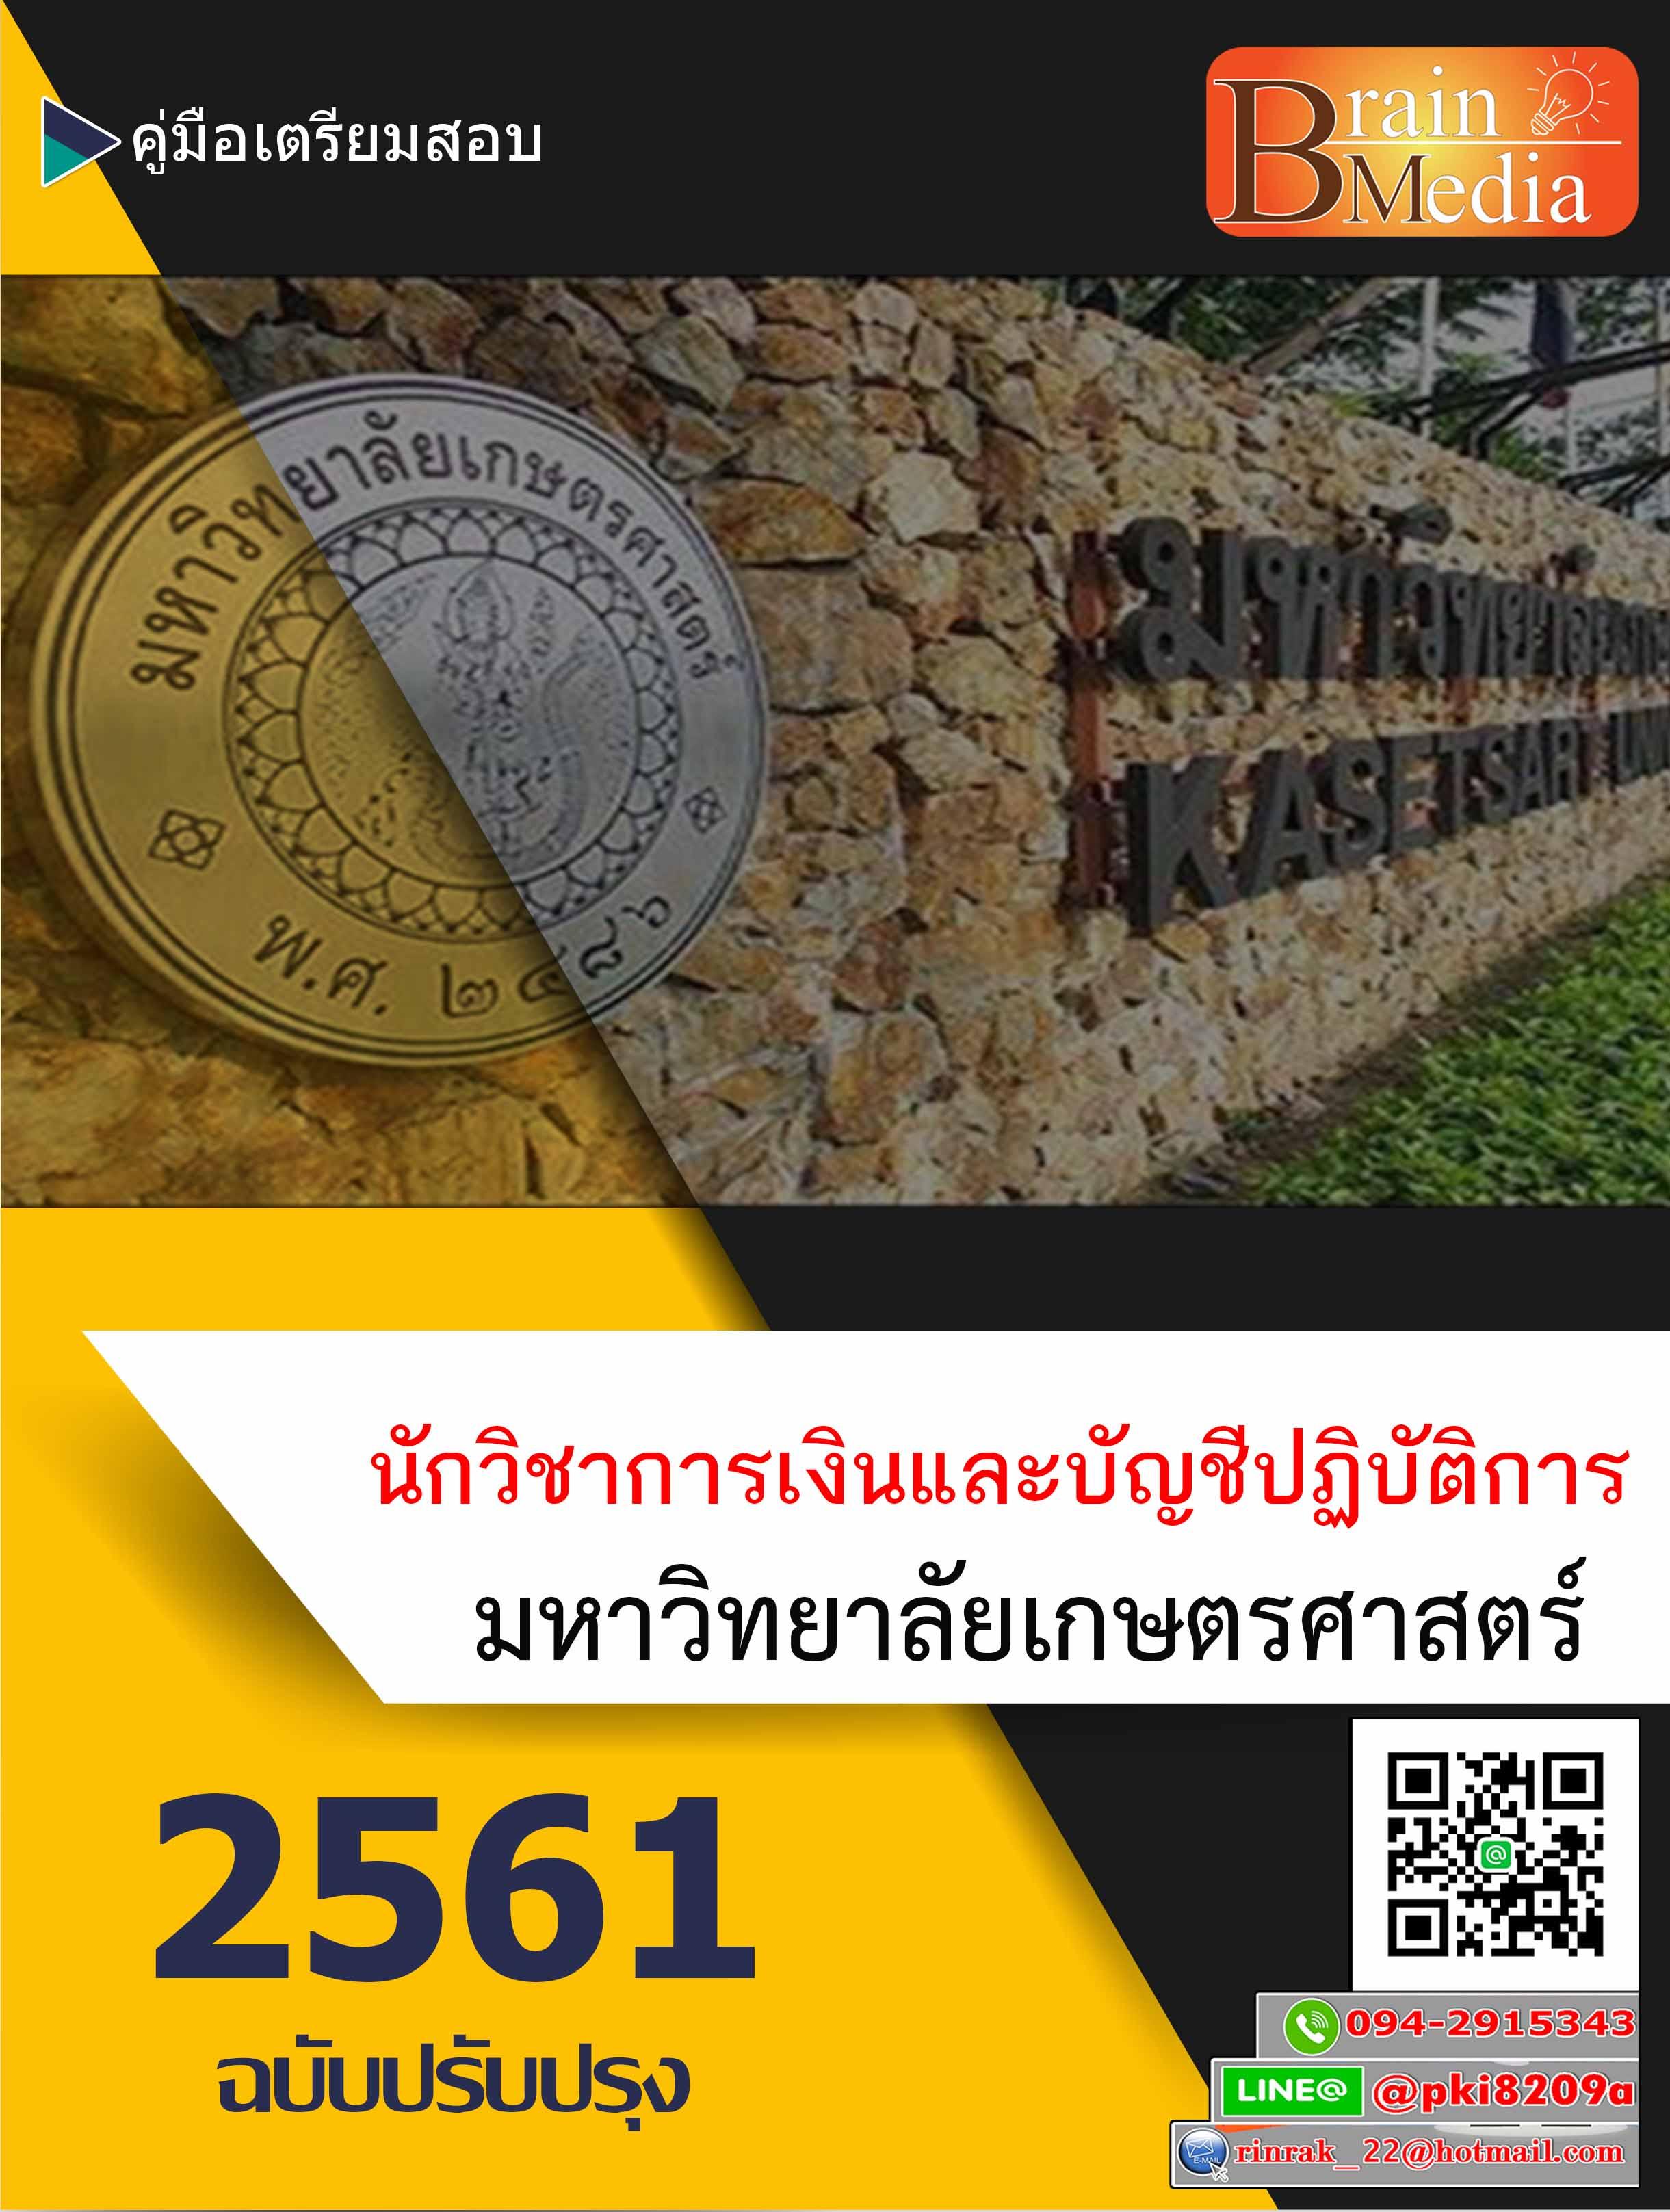 แนวข้อสอบ นักวิชาการเงินและบัญชีปฏิบัติการ มหาวิทยาลัยเกษตรศาสตร์